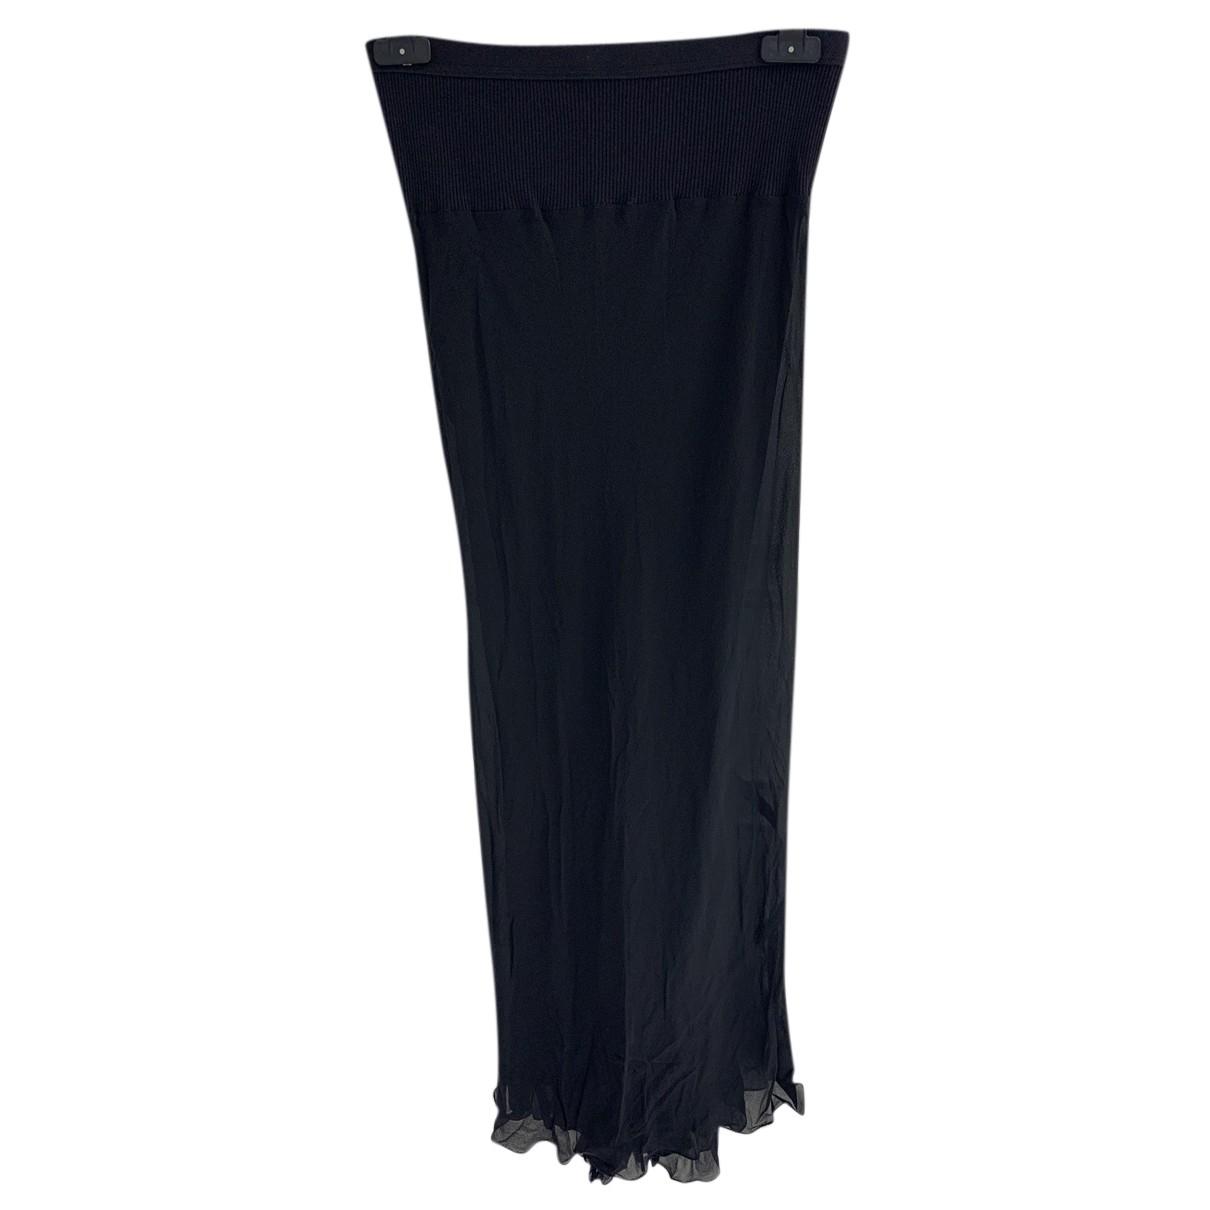 Rick Owens - Jupe   pour femme en soie - noir